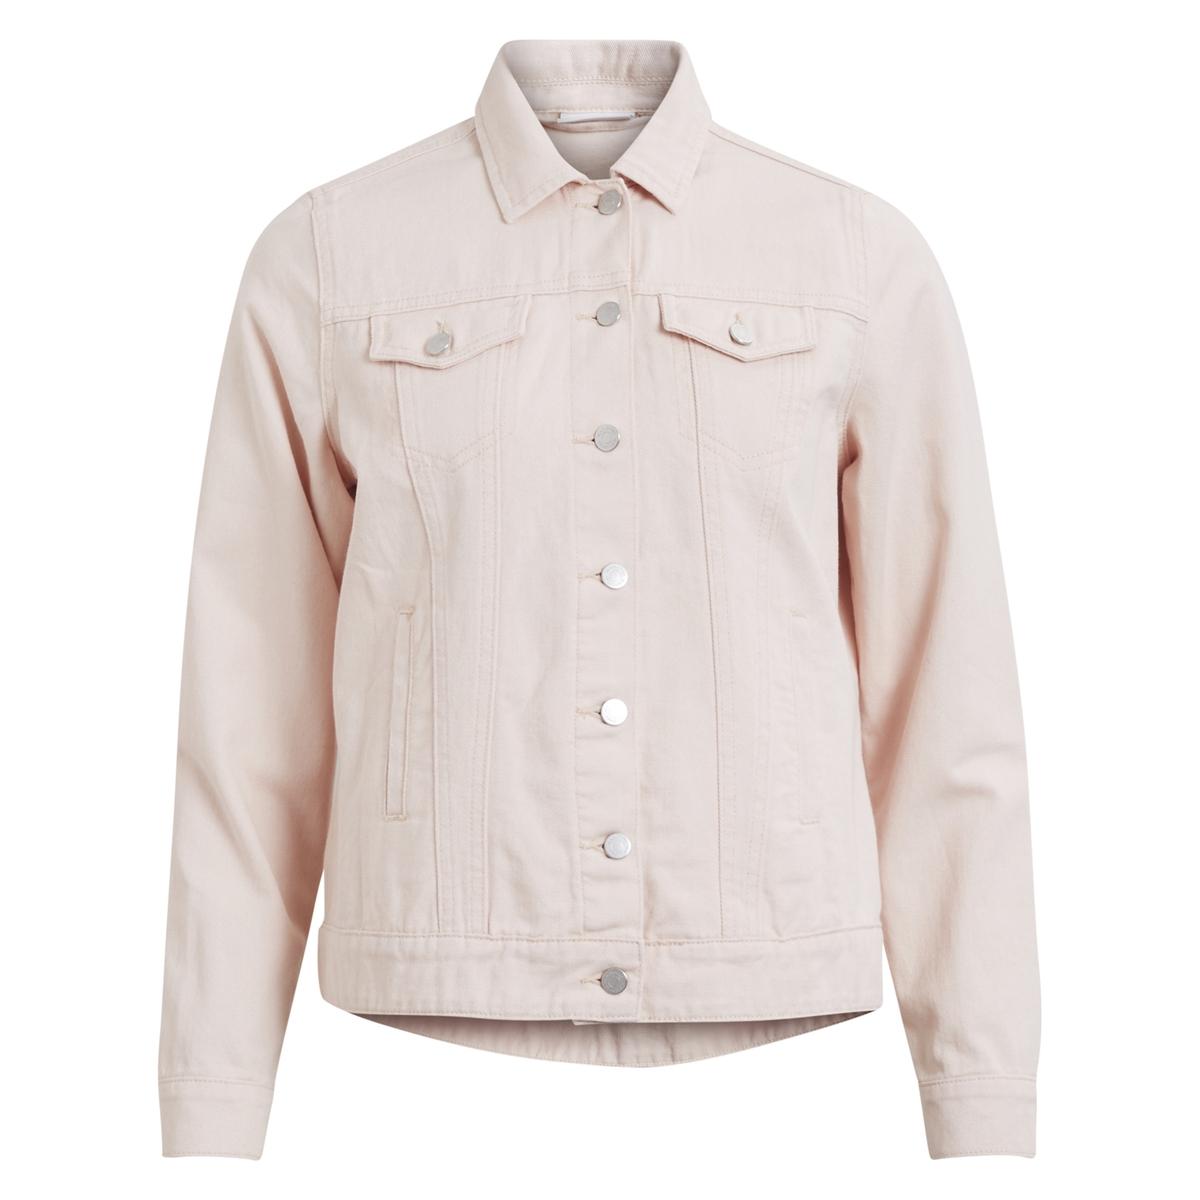 Жакет джинсовый прямого покрояОписание:Детали • Джинсовая ткань •  Прямой покрой •  Воротник-поло, рубашечныйСостав и уход •  100% хлопок •  Следуйте рекомендациям по уходу, указанным на этикетке изделия<br><br>Цвет: розовая пудра